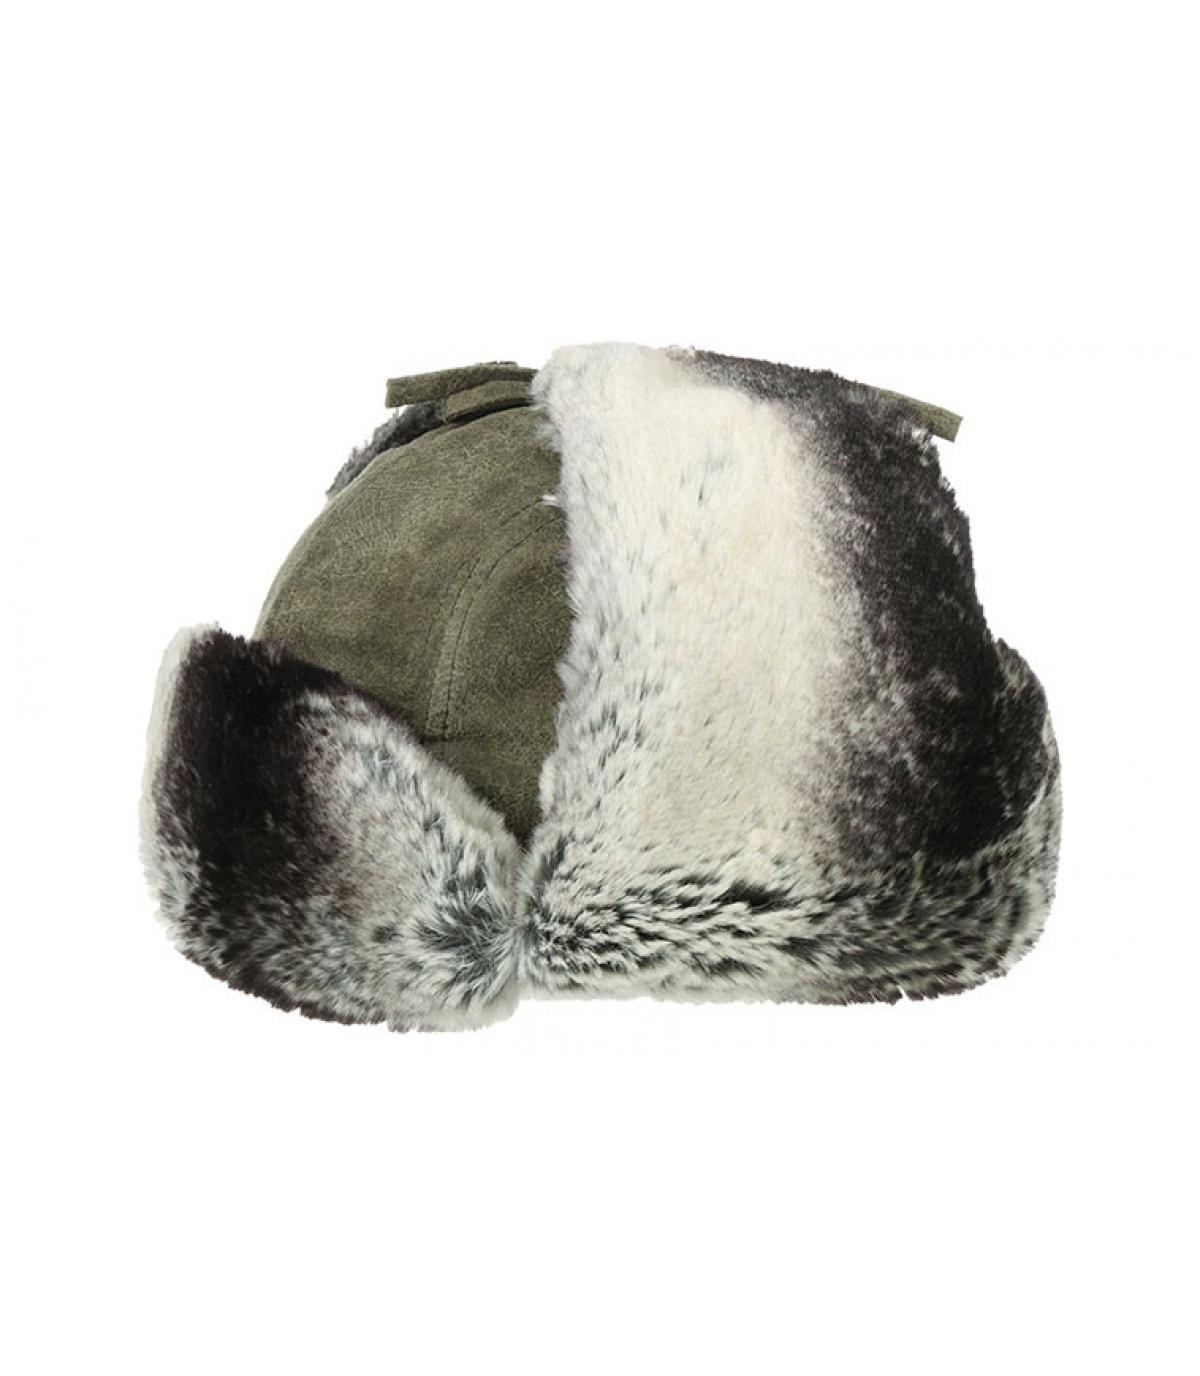 Détails Bomber Cap Pigskin olive - image 4